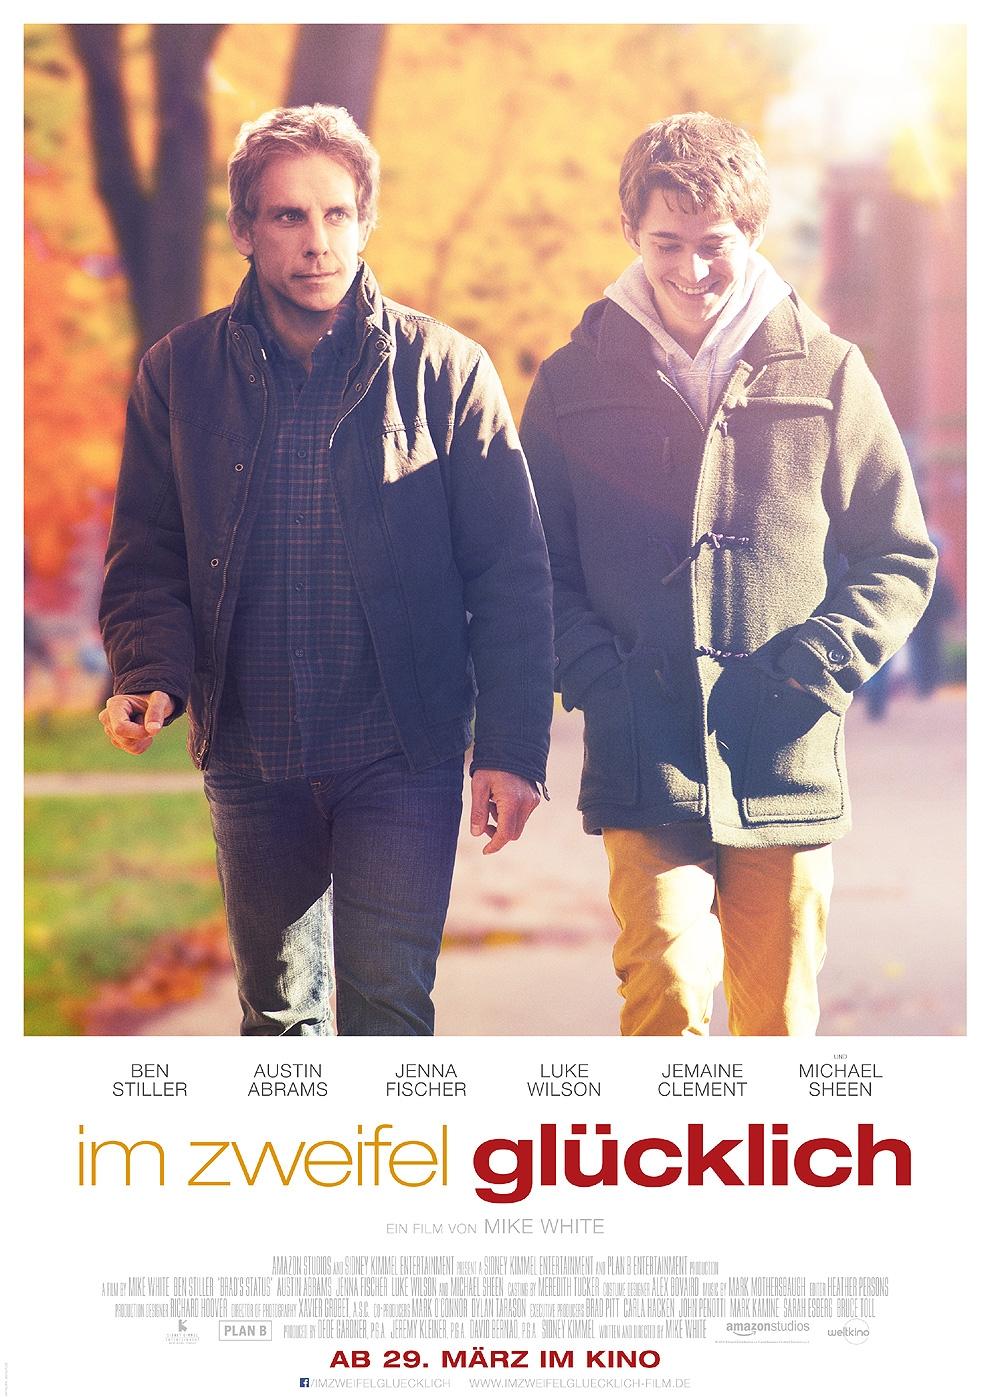 Im Zweifel glücklich (Poster)